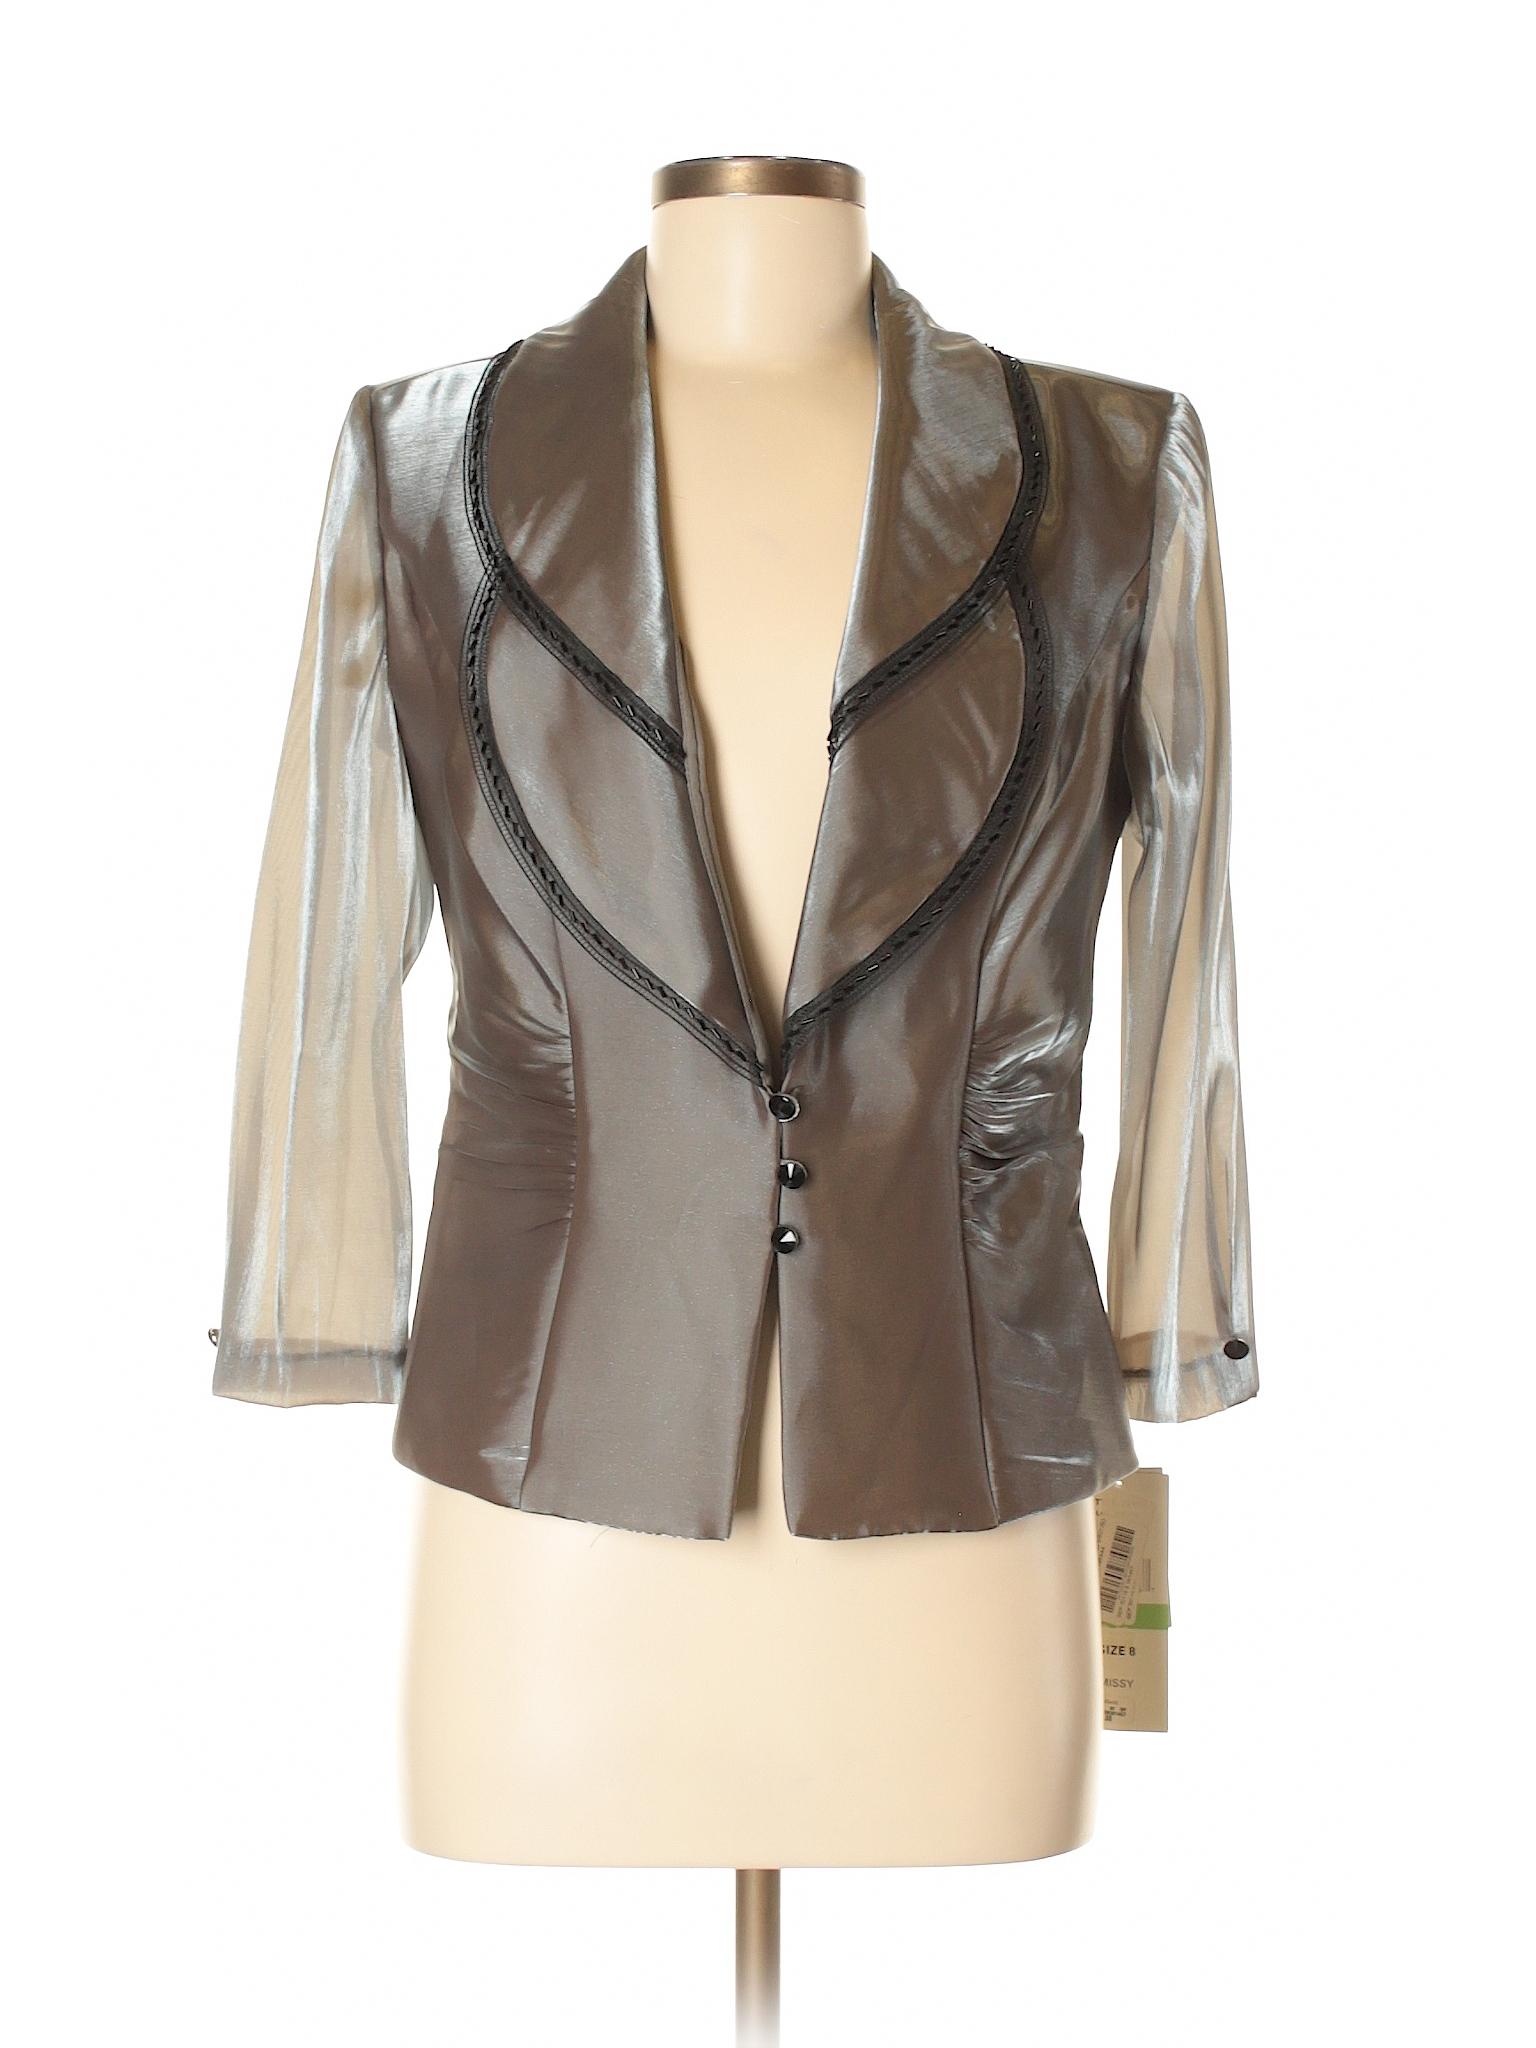 R J winter Blazer Carol Nites Boutique by Lin w4gq5